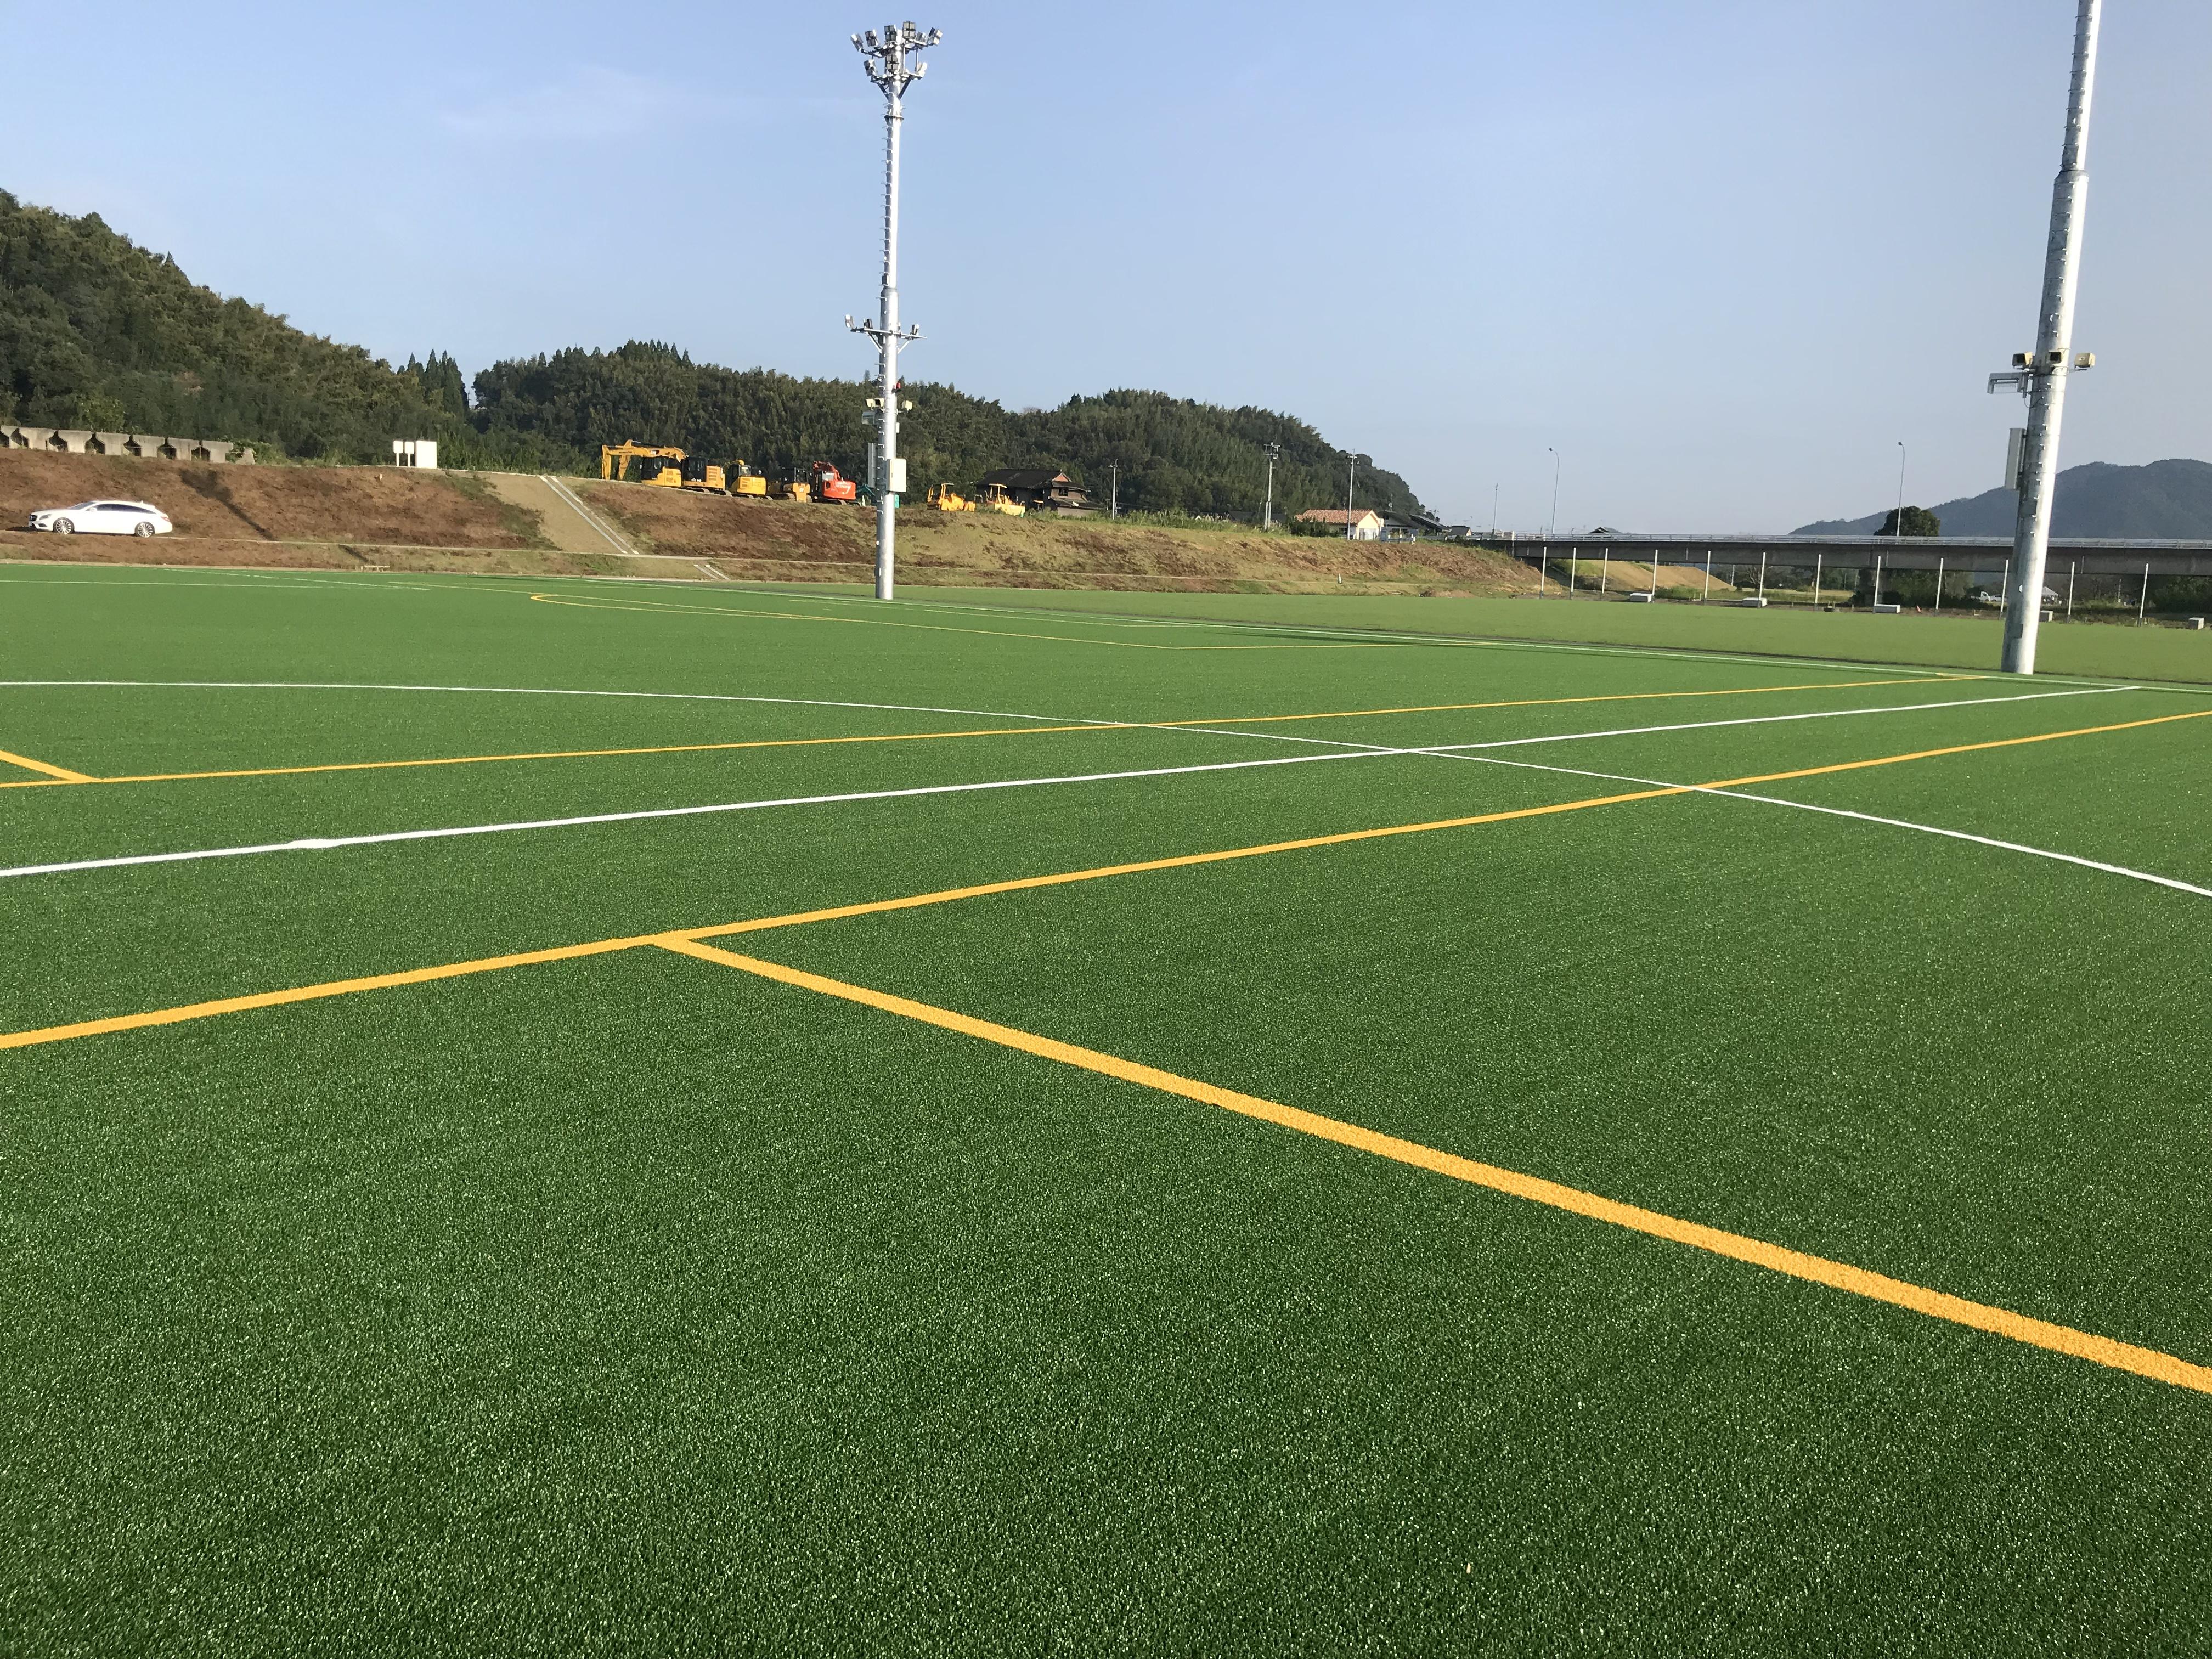 スタート | ソレッソ熊本 | 熊本のサッカークラブ